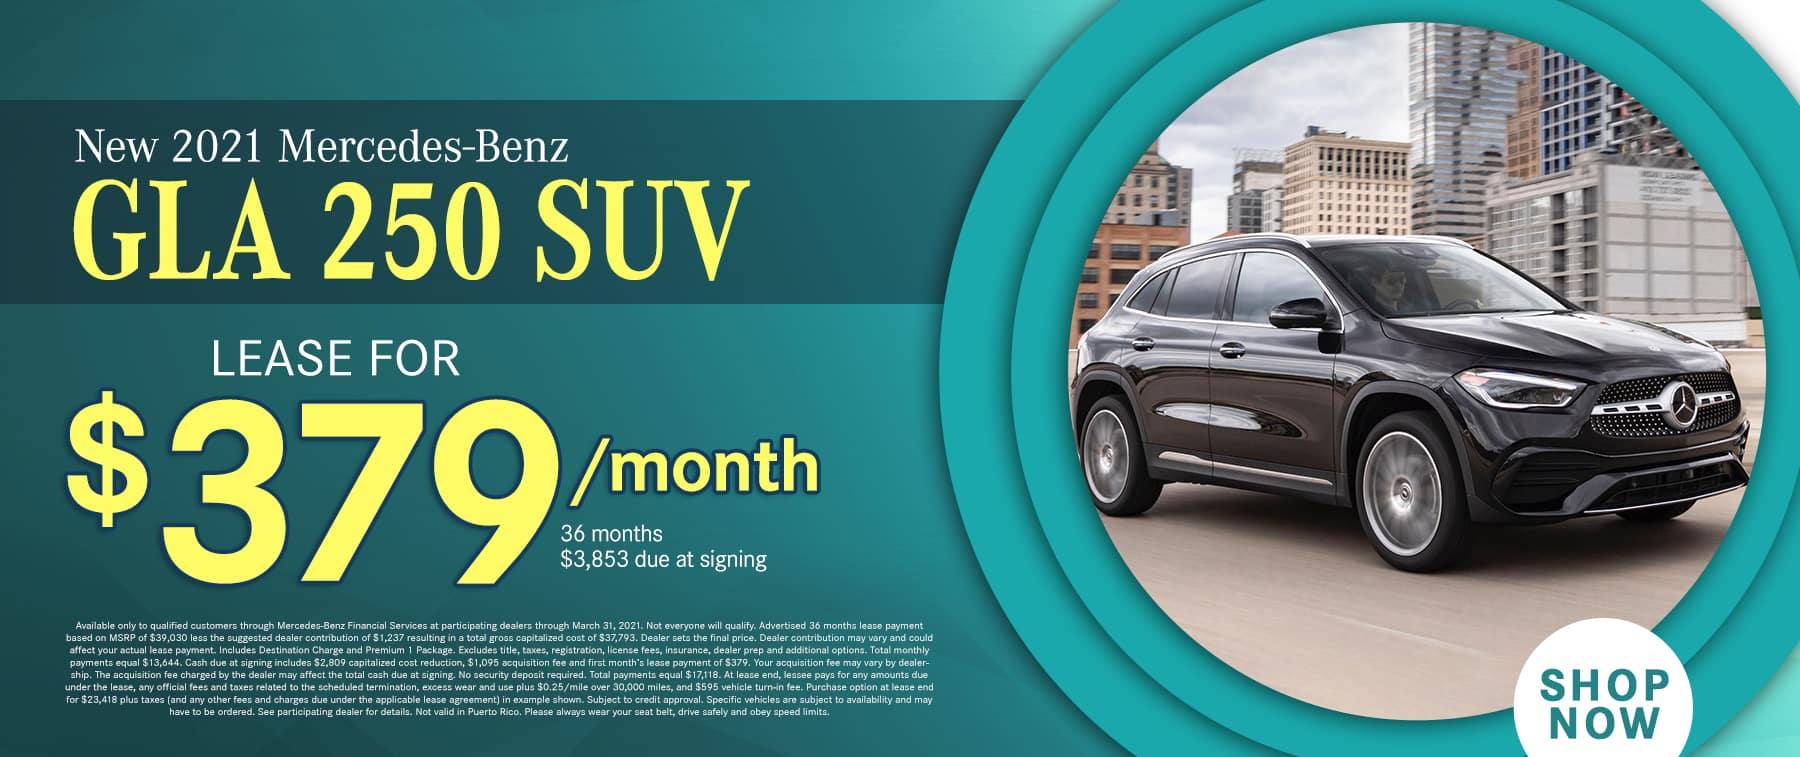 2021 Mercedes-Benz GLA 250 SUV $379 PER MONTH/ 36 MONTHS/10K MILES $3,853 DAS